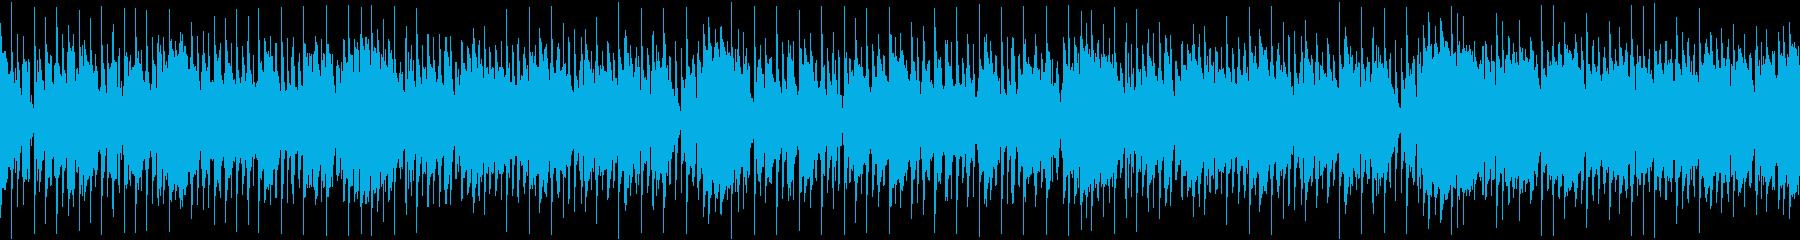 幻想的でおしゃれな映像にぴったりなジャズの再生済みの波形